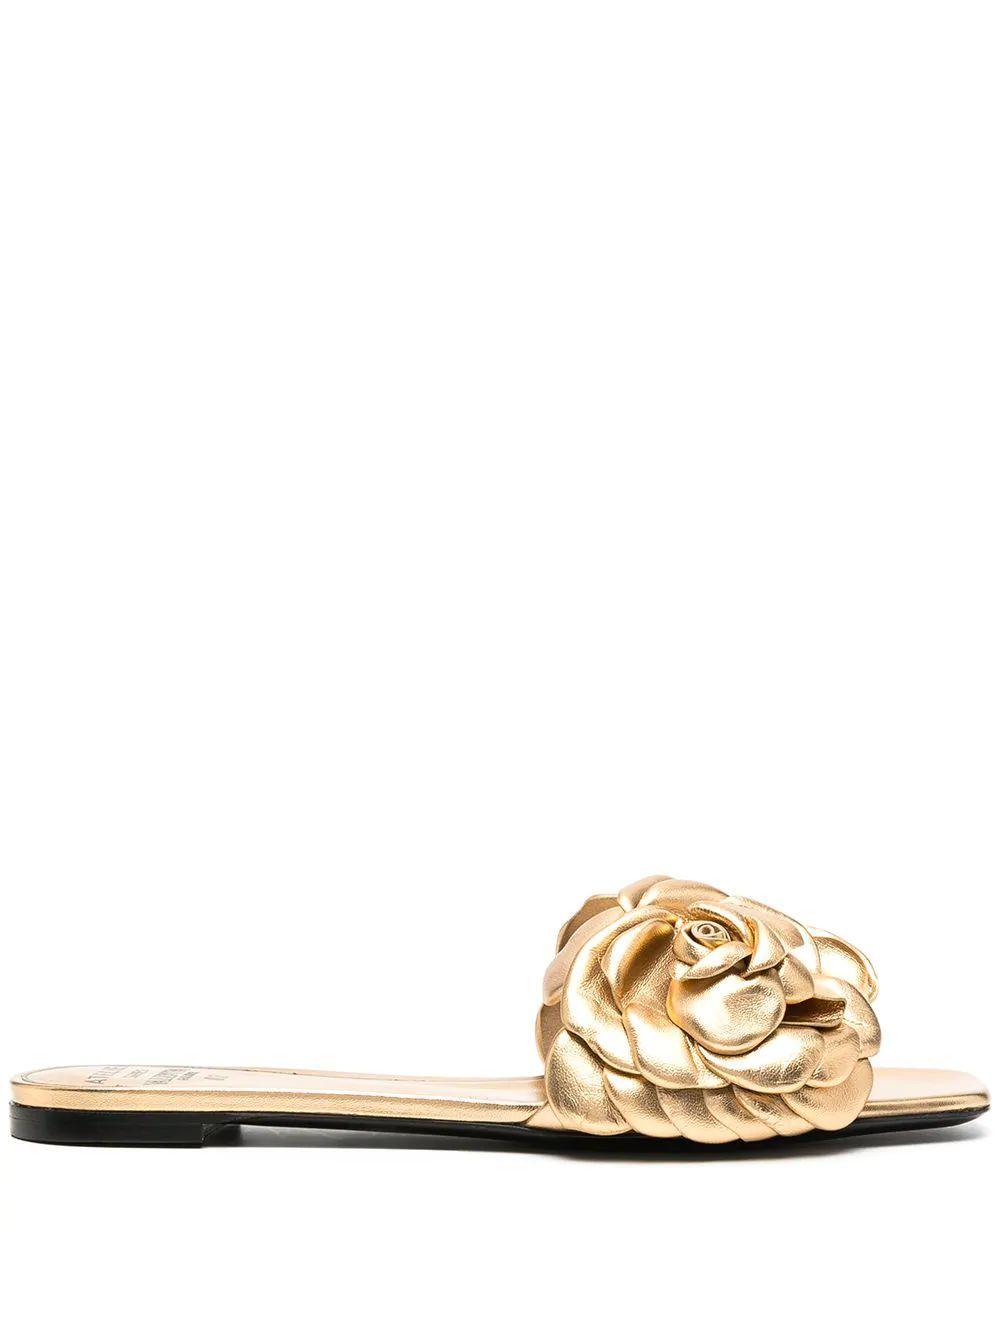 Floral Motif Slide Item # VW2S0AR3IGI